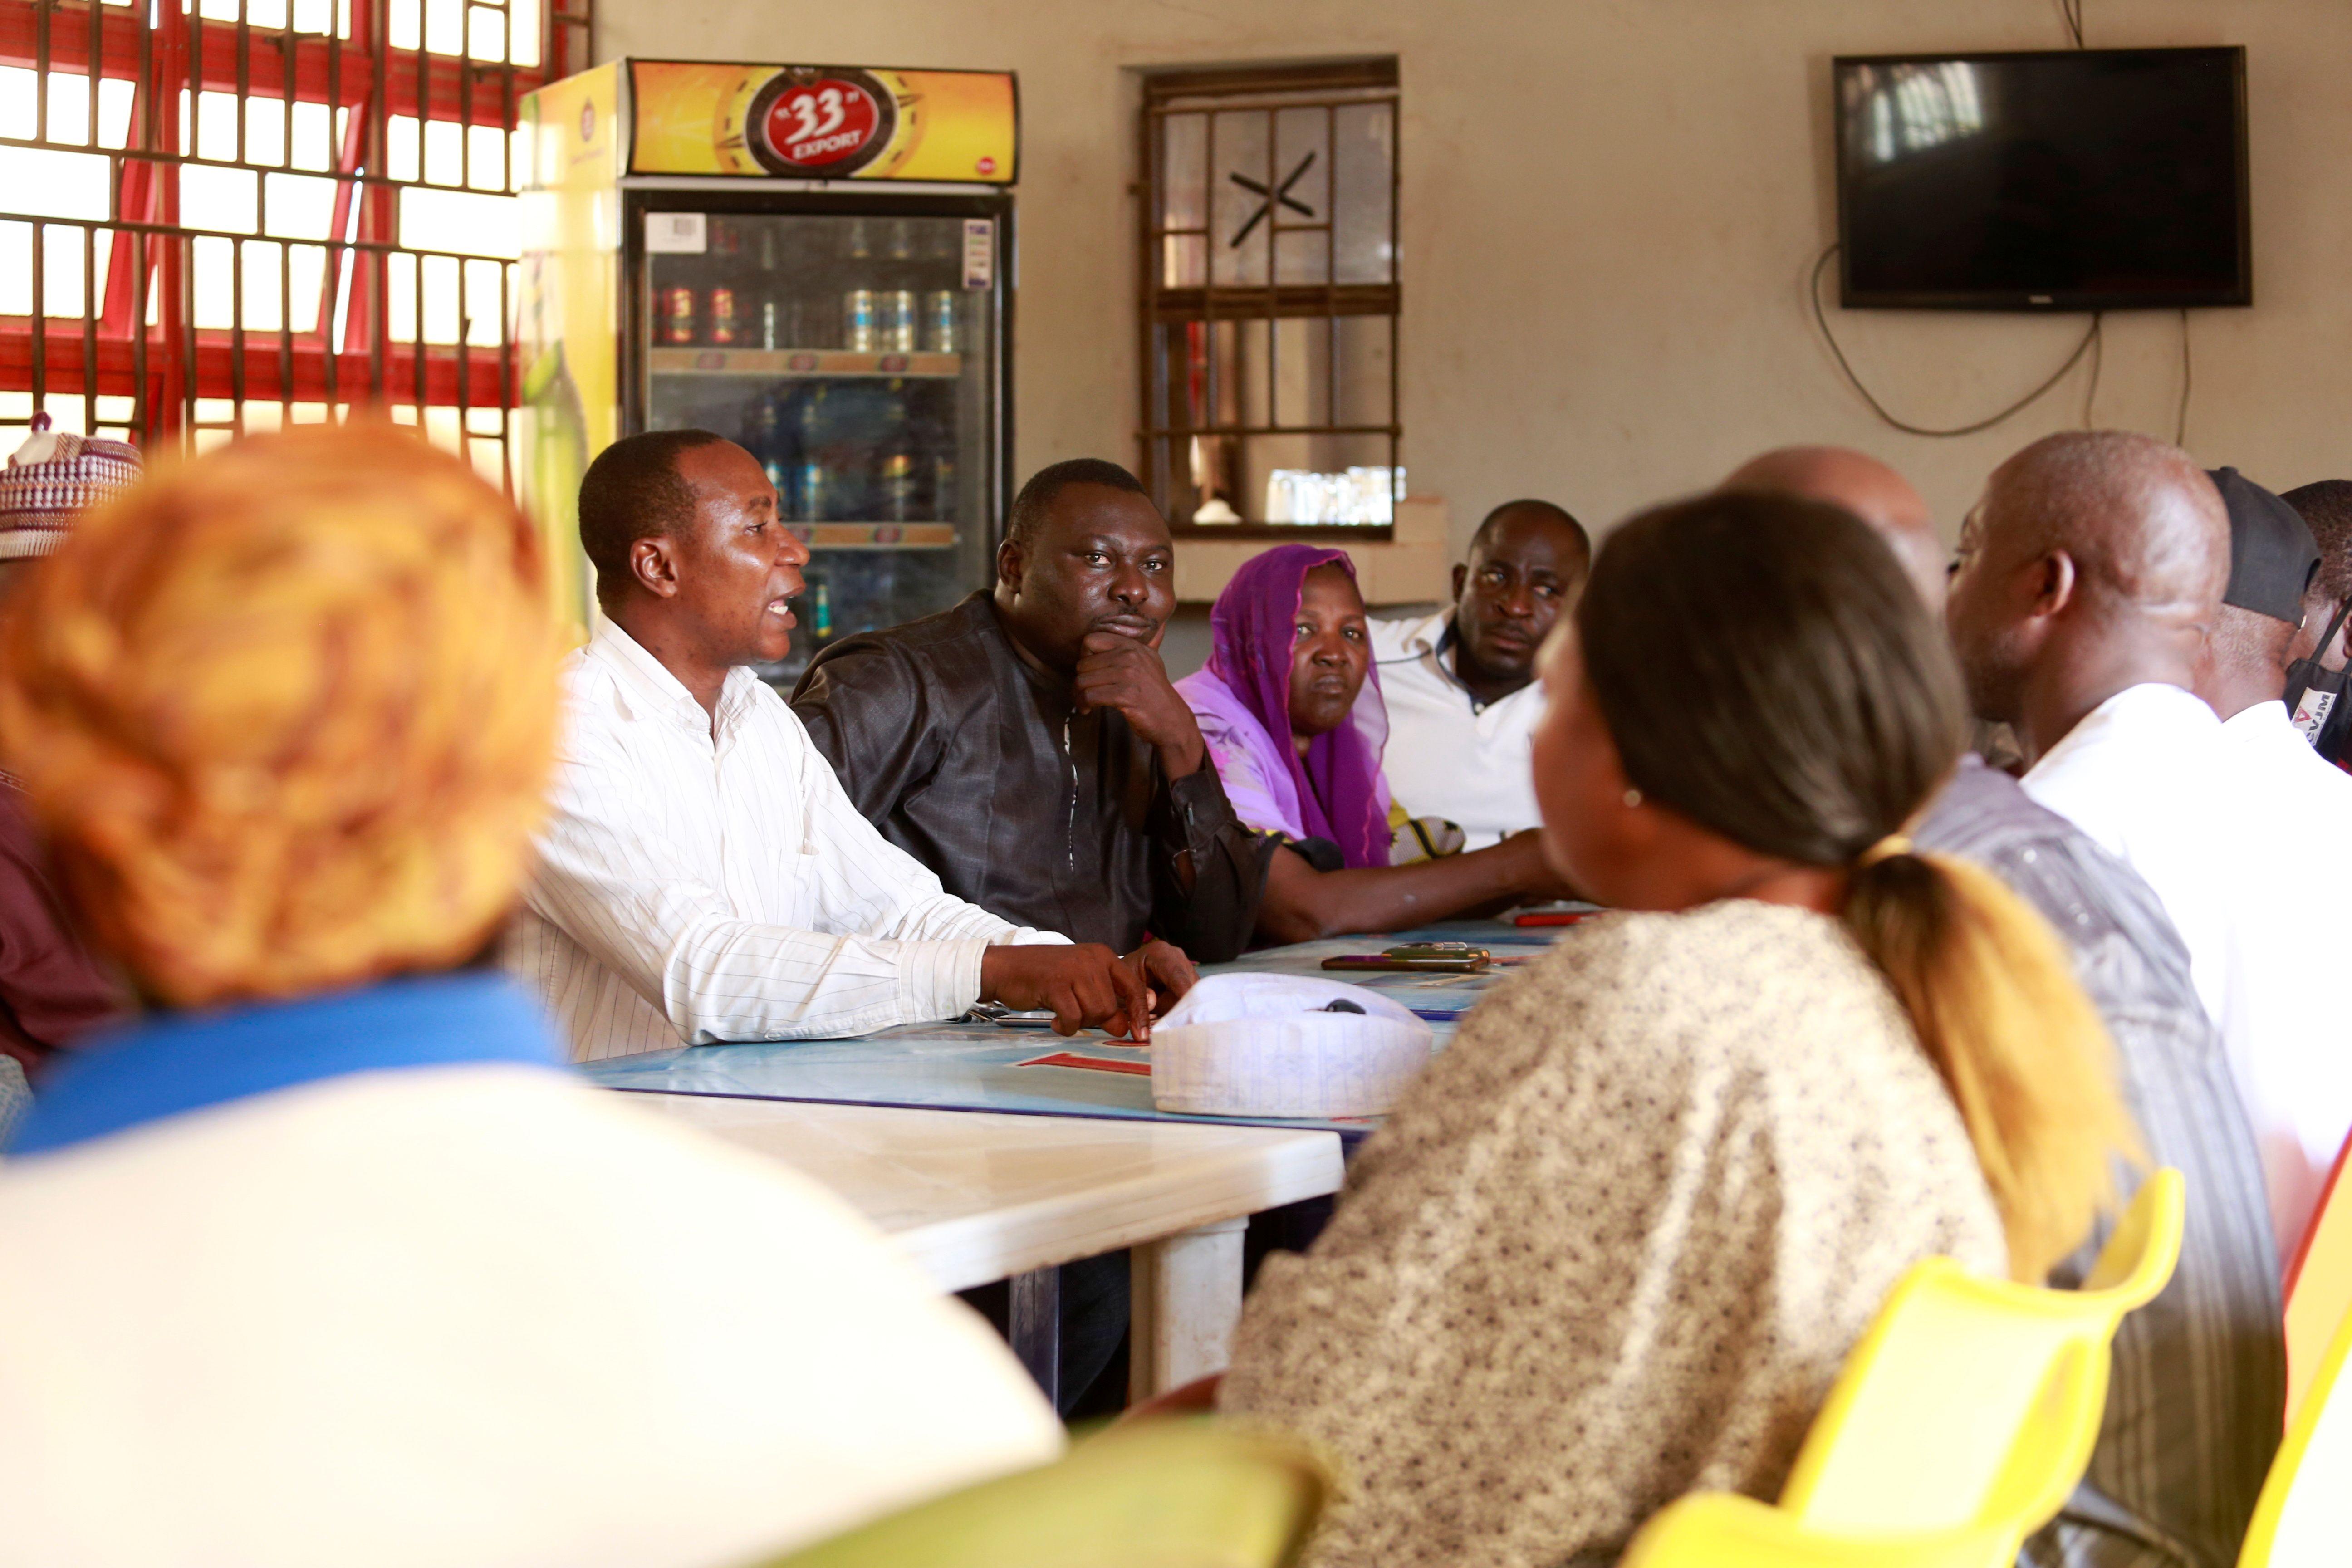 Los padres de los estudiantes secuestrados en marzo, en una reunión. REUTERS/Afolabi Sotunde